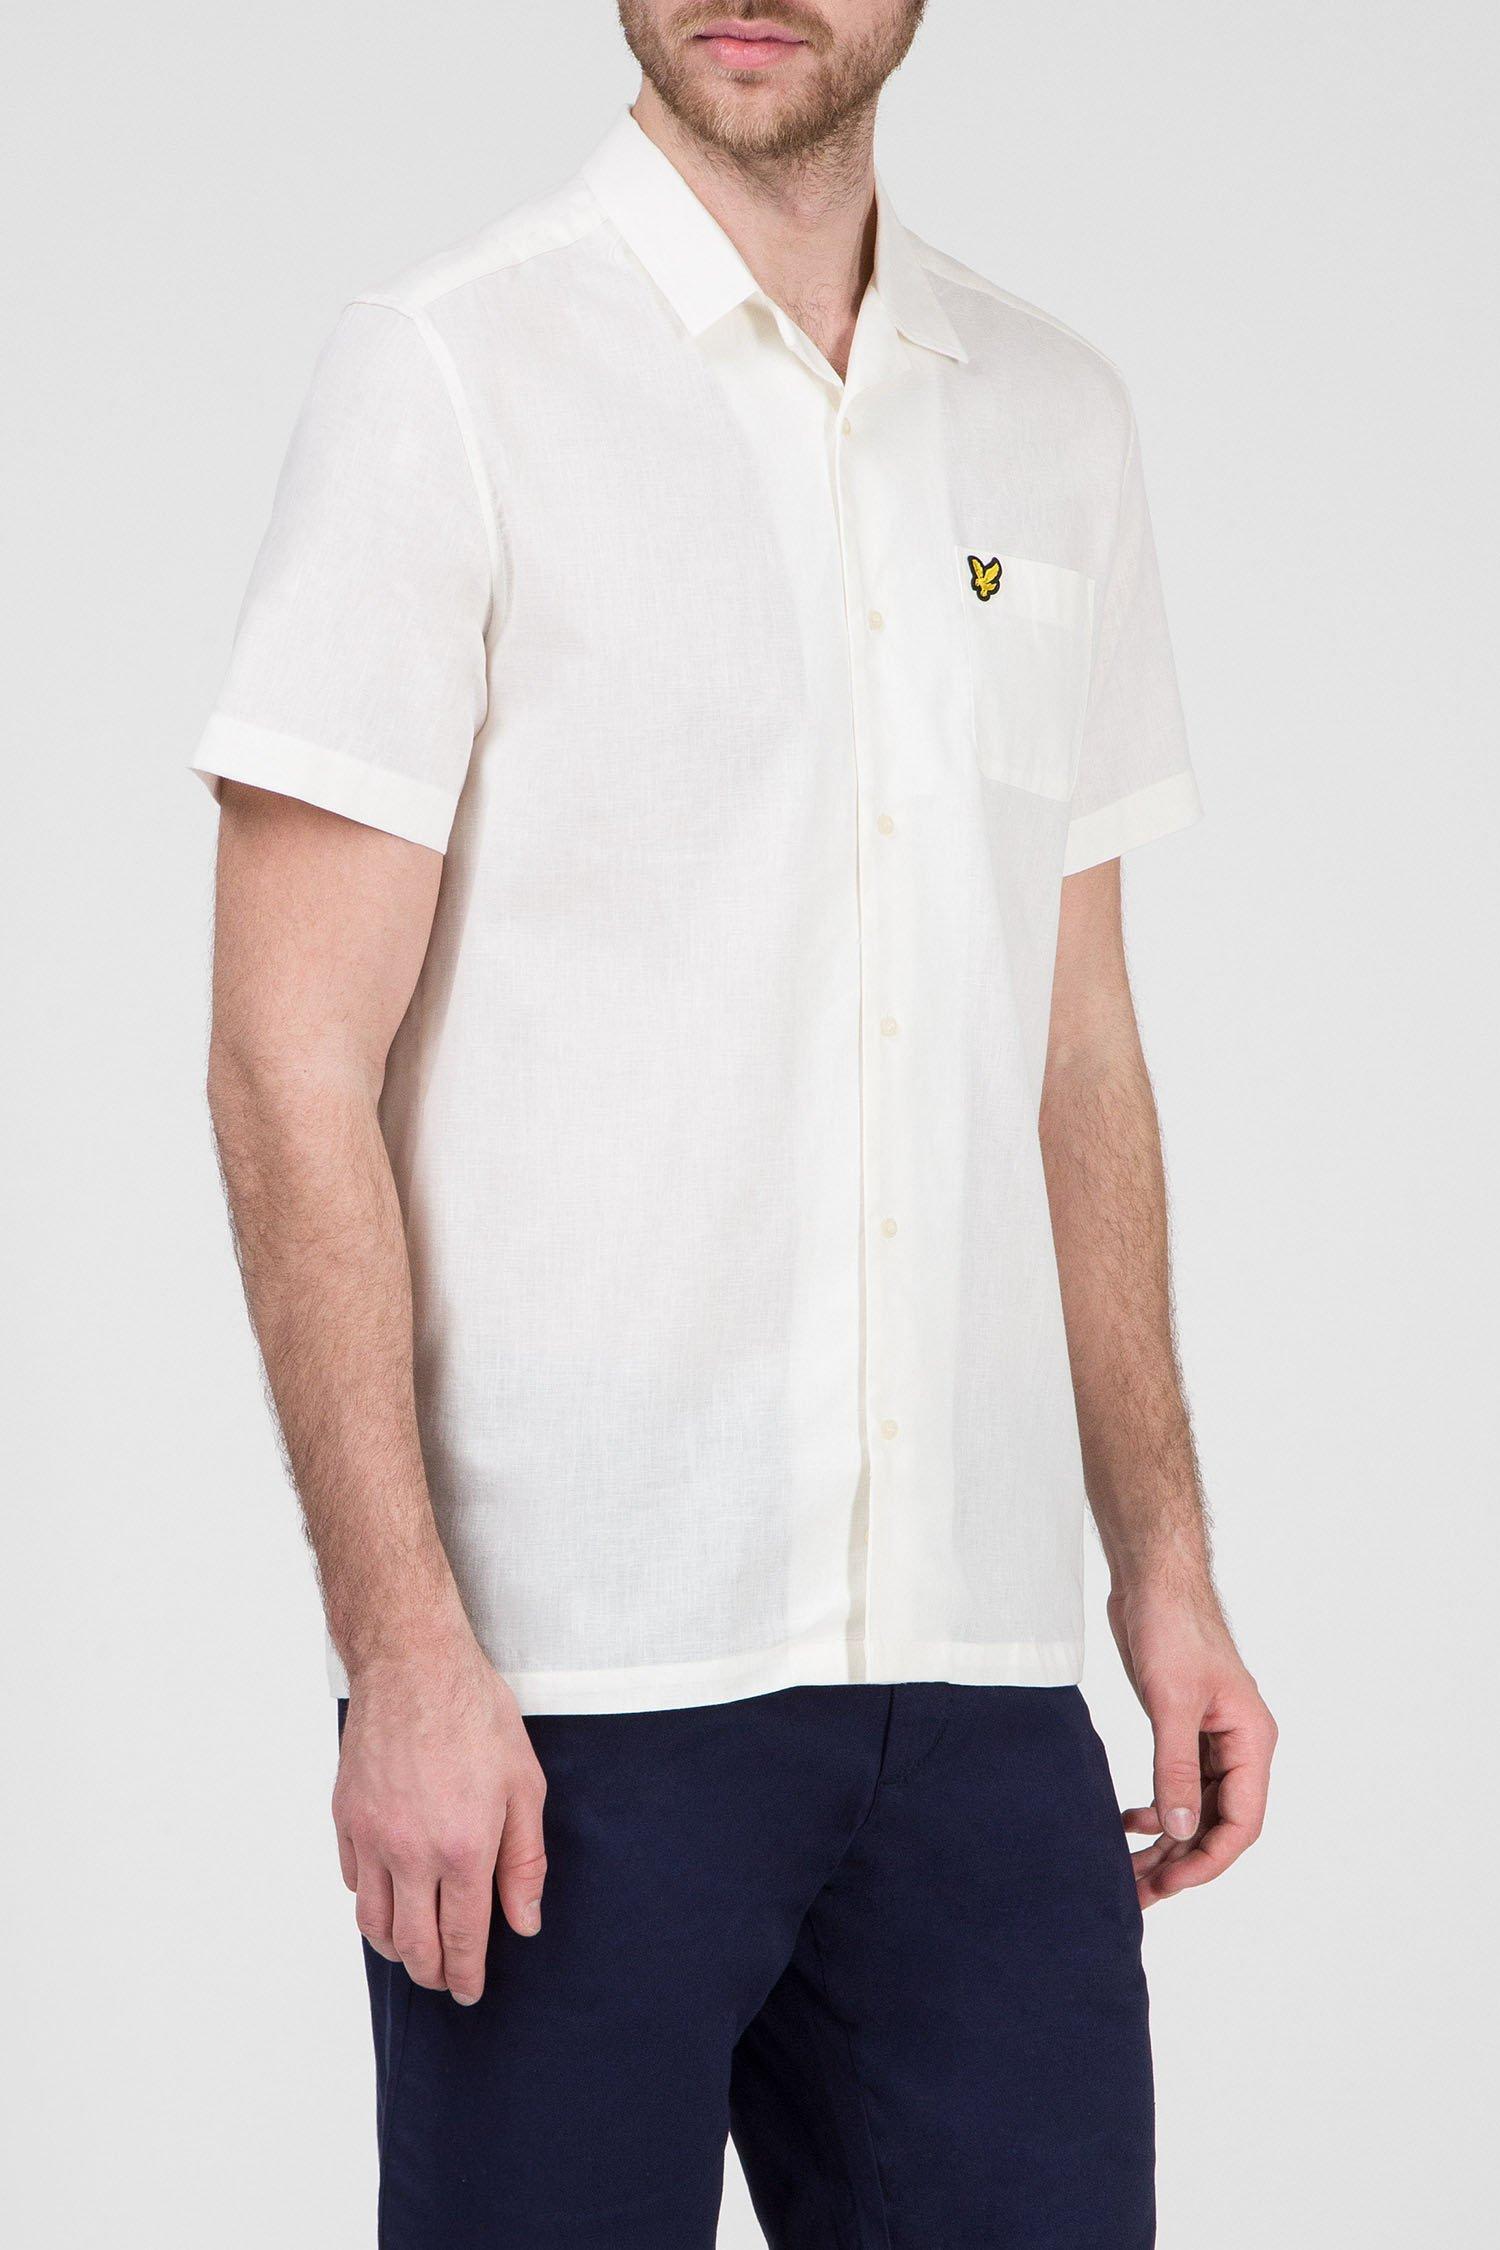 Купить Мужская светло-бежевая рубашка Lyle & Scott Lyle & Scott SW803V-Z455 – Киев, Украина. Цены в интернет магазине MD Fashion